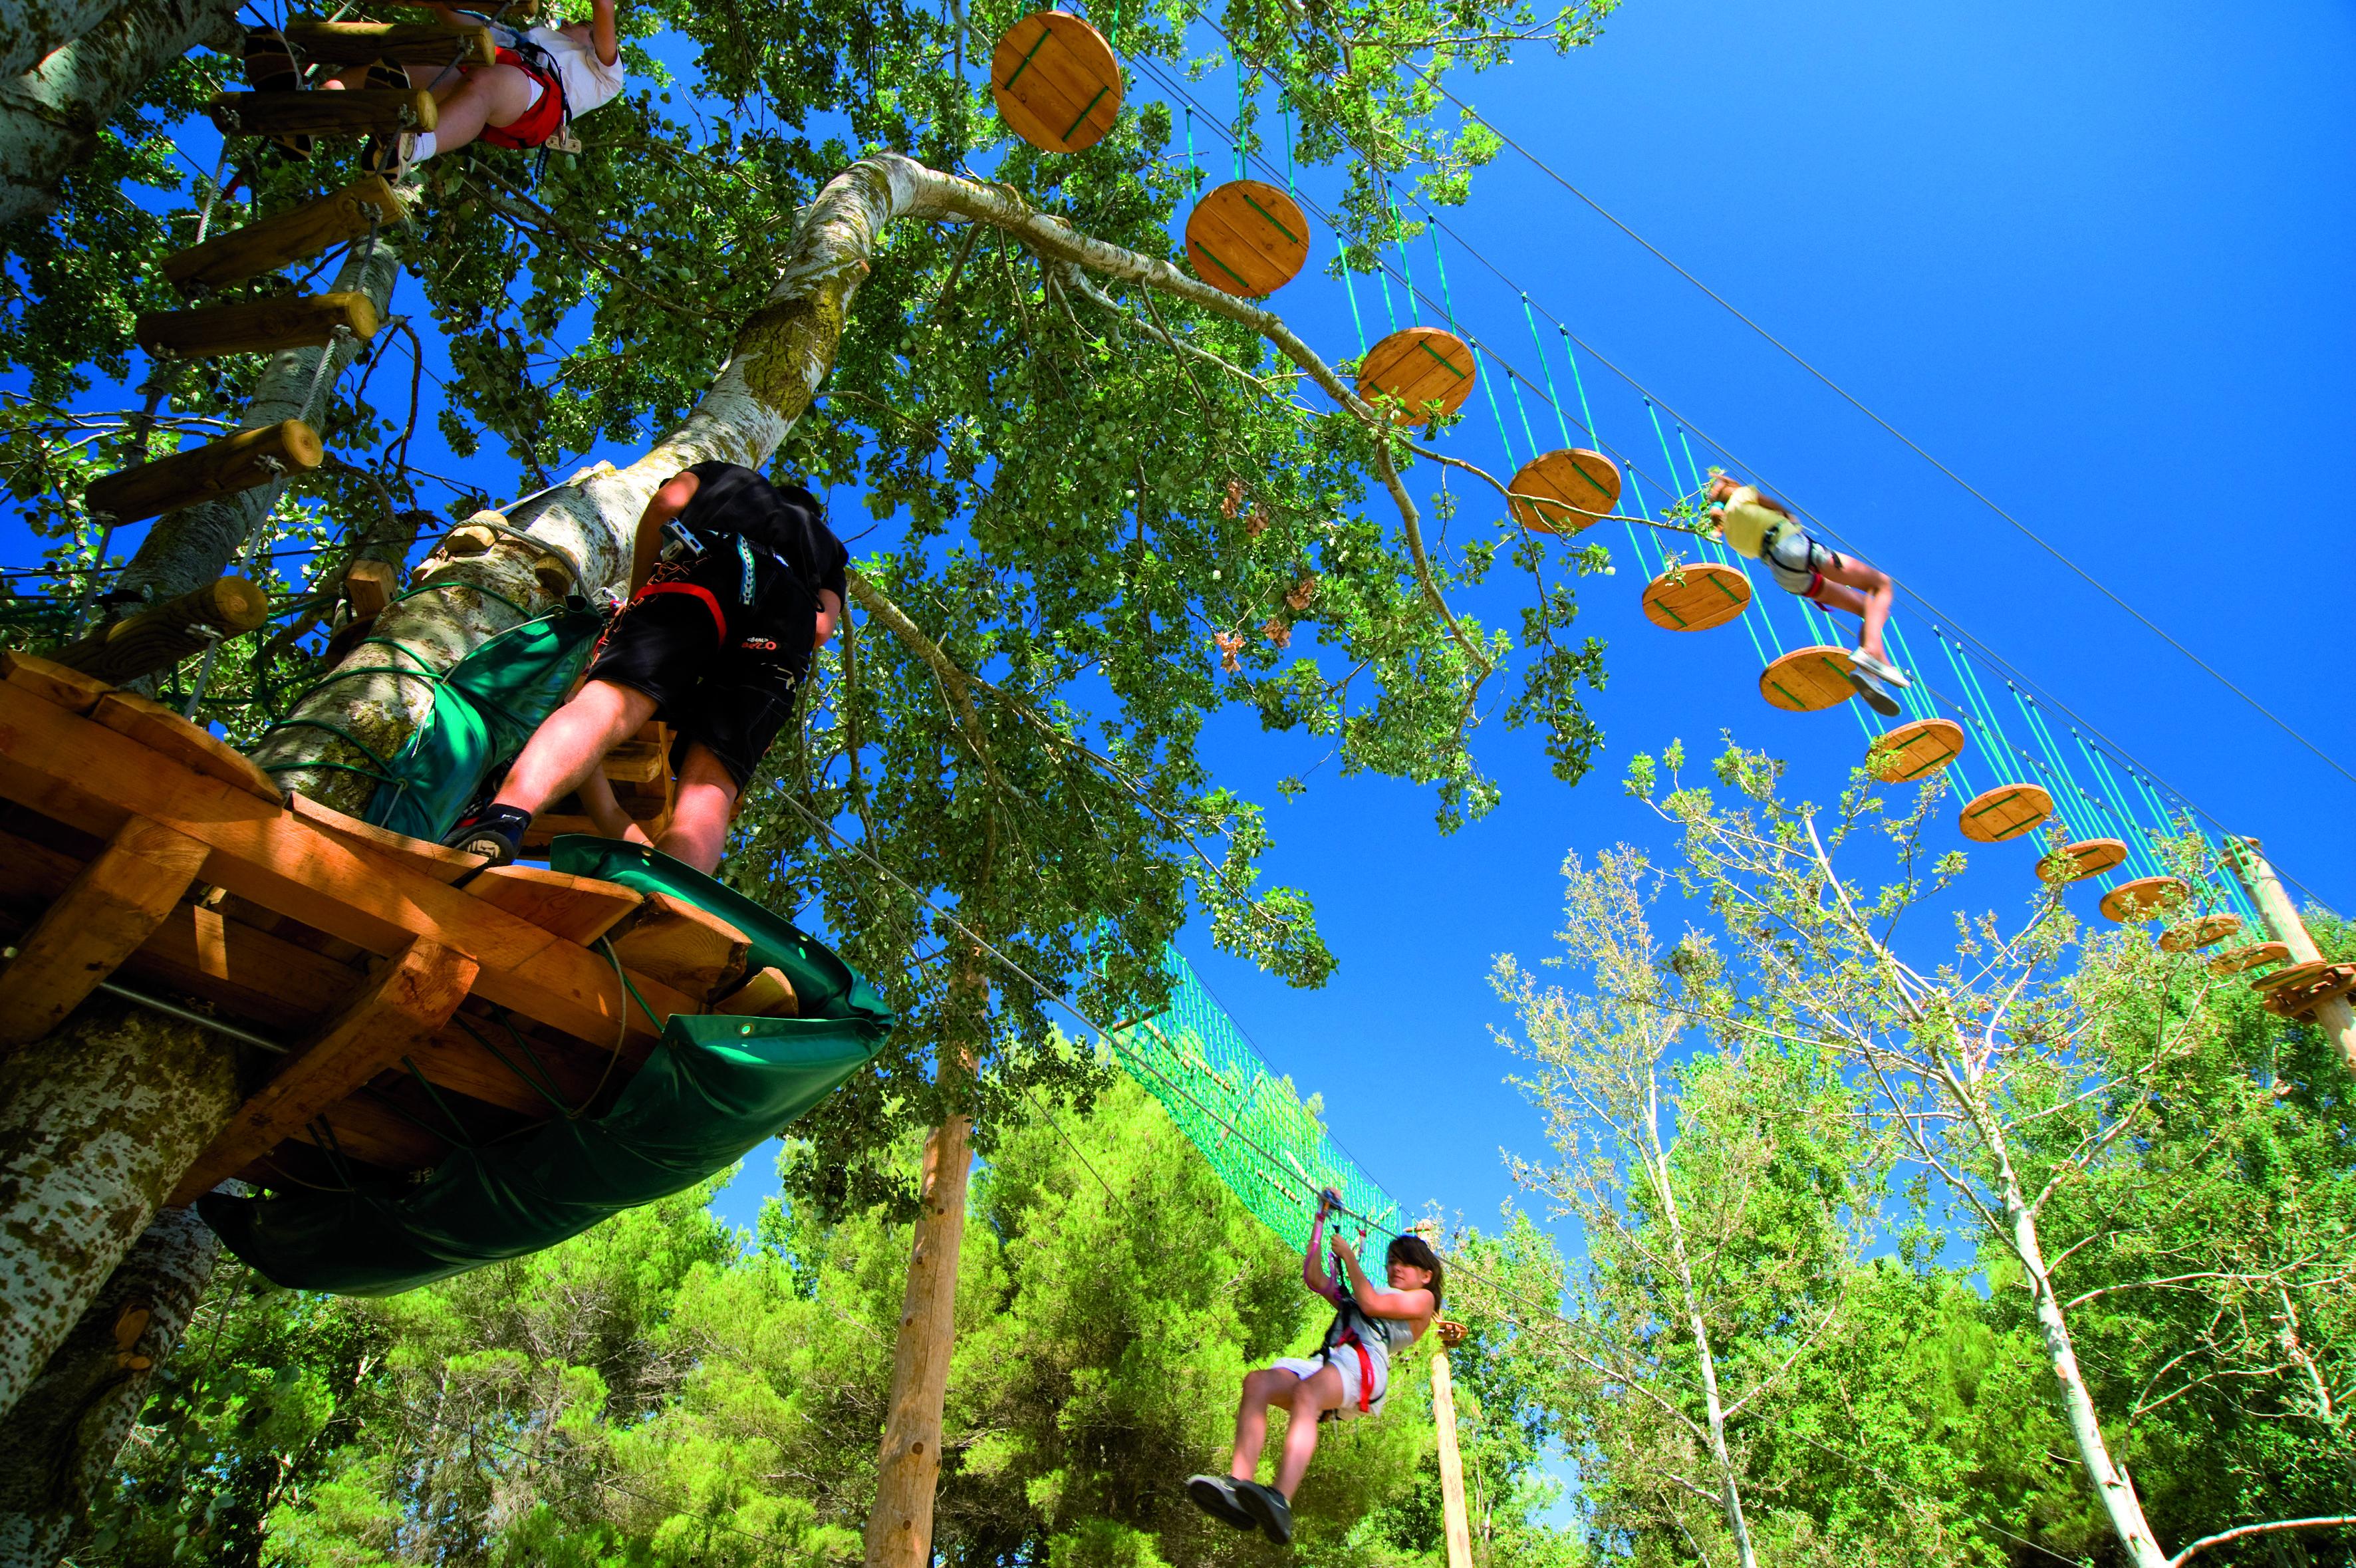 Parcours Dans Les Arbres Avec Tyroliennes Dans Les Villages Decathlon Parcours Arbre Decathlon